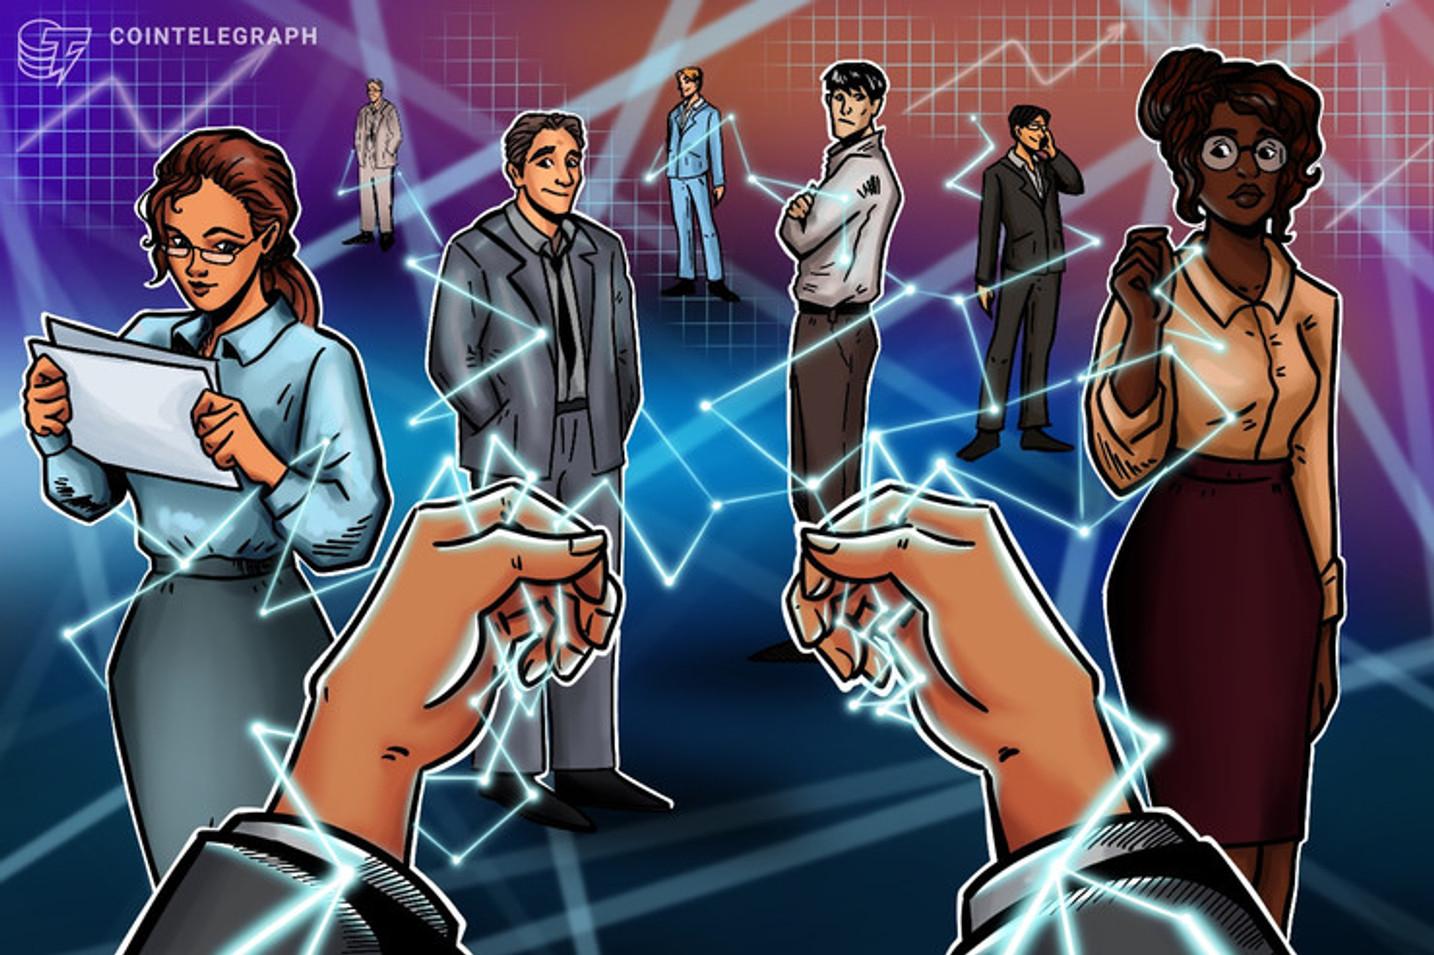 Nueva edición de Argentina Fintech Forum incluirá un panel sobre blockchain y finanzas